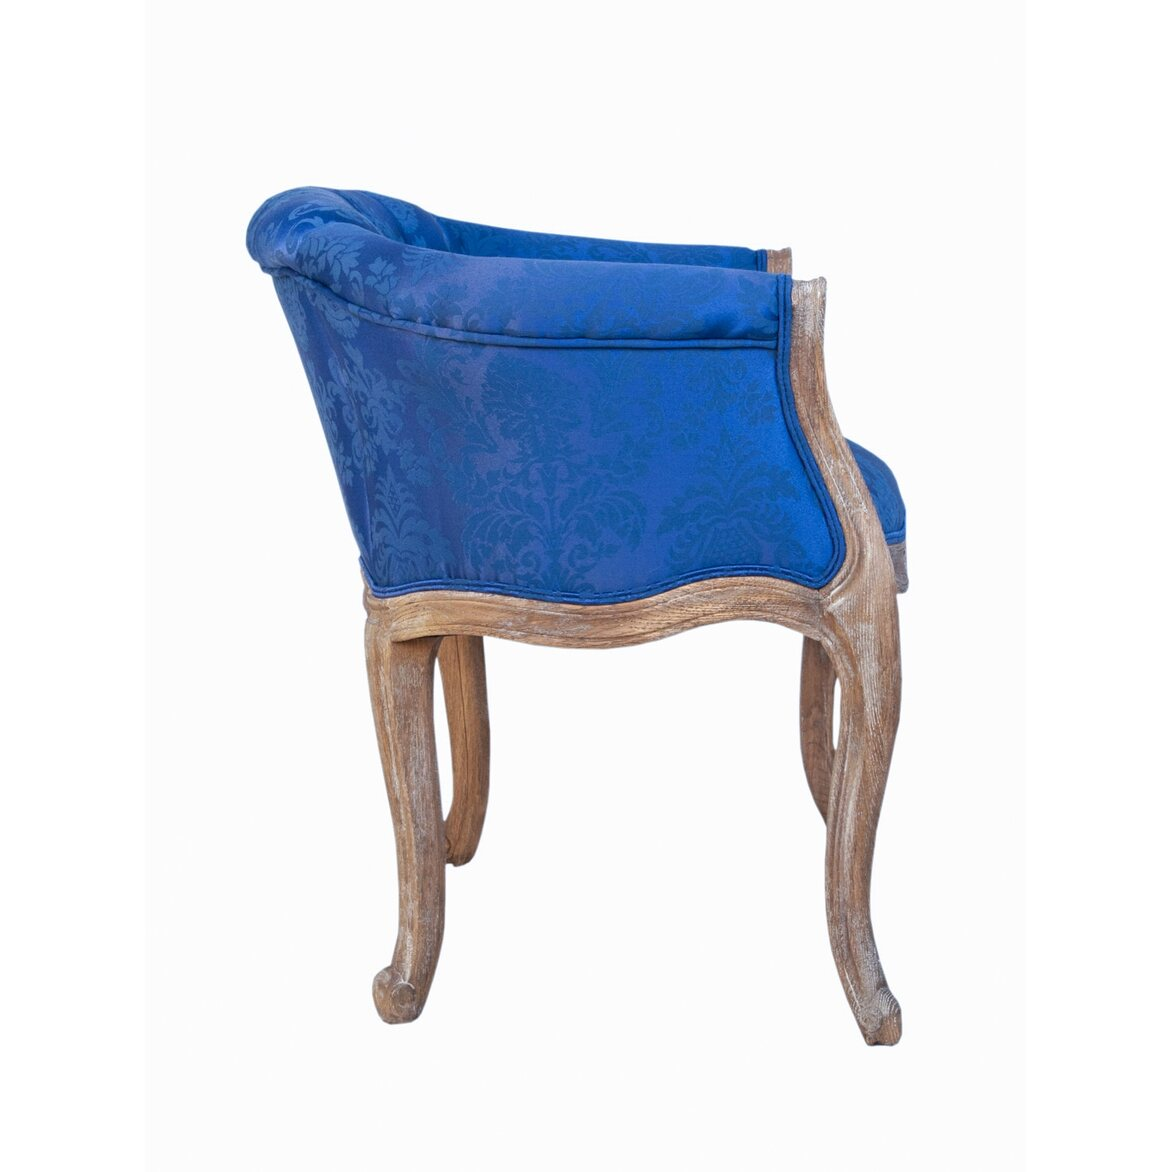 Низкое кресло Kandy blue 2 | Маленькие кресла Kingsby